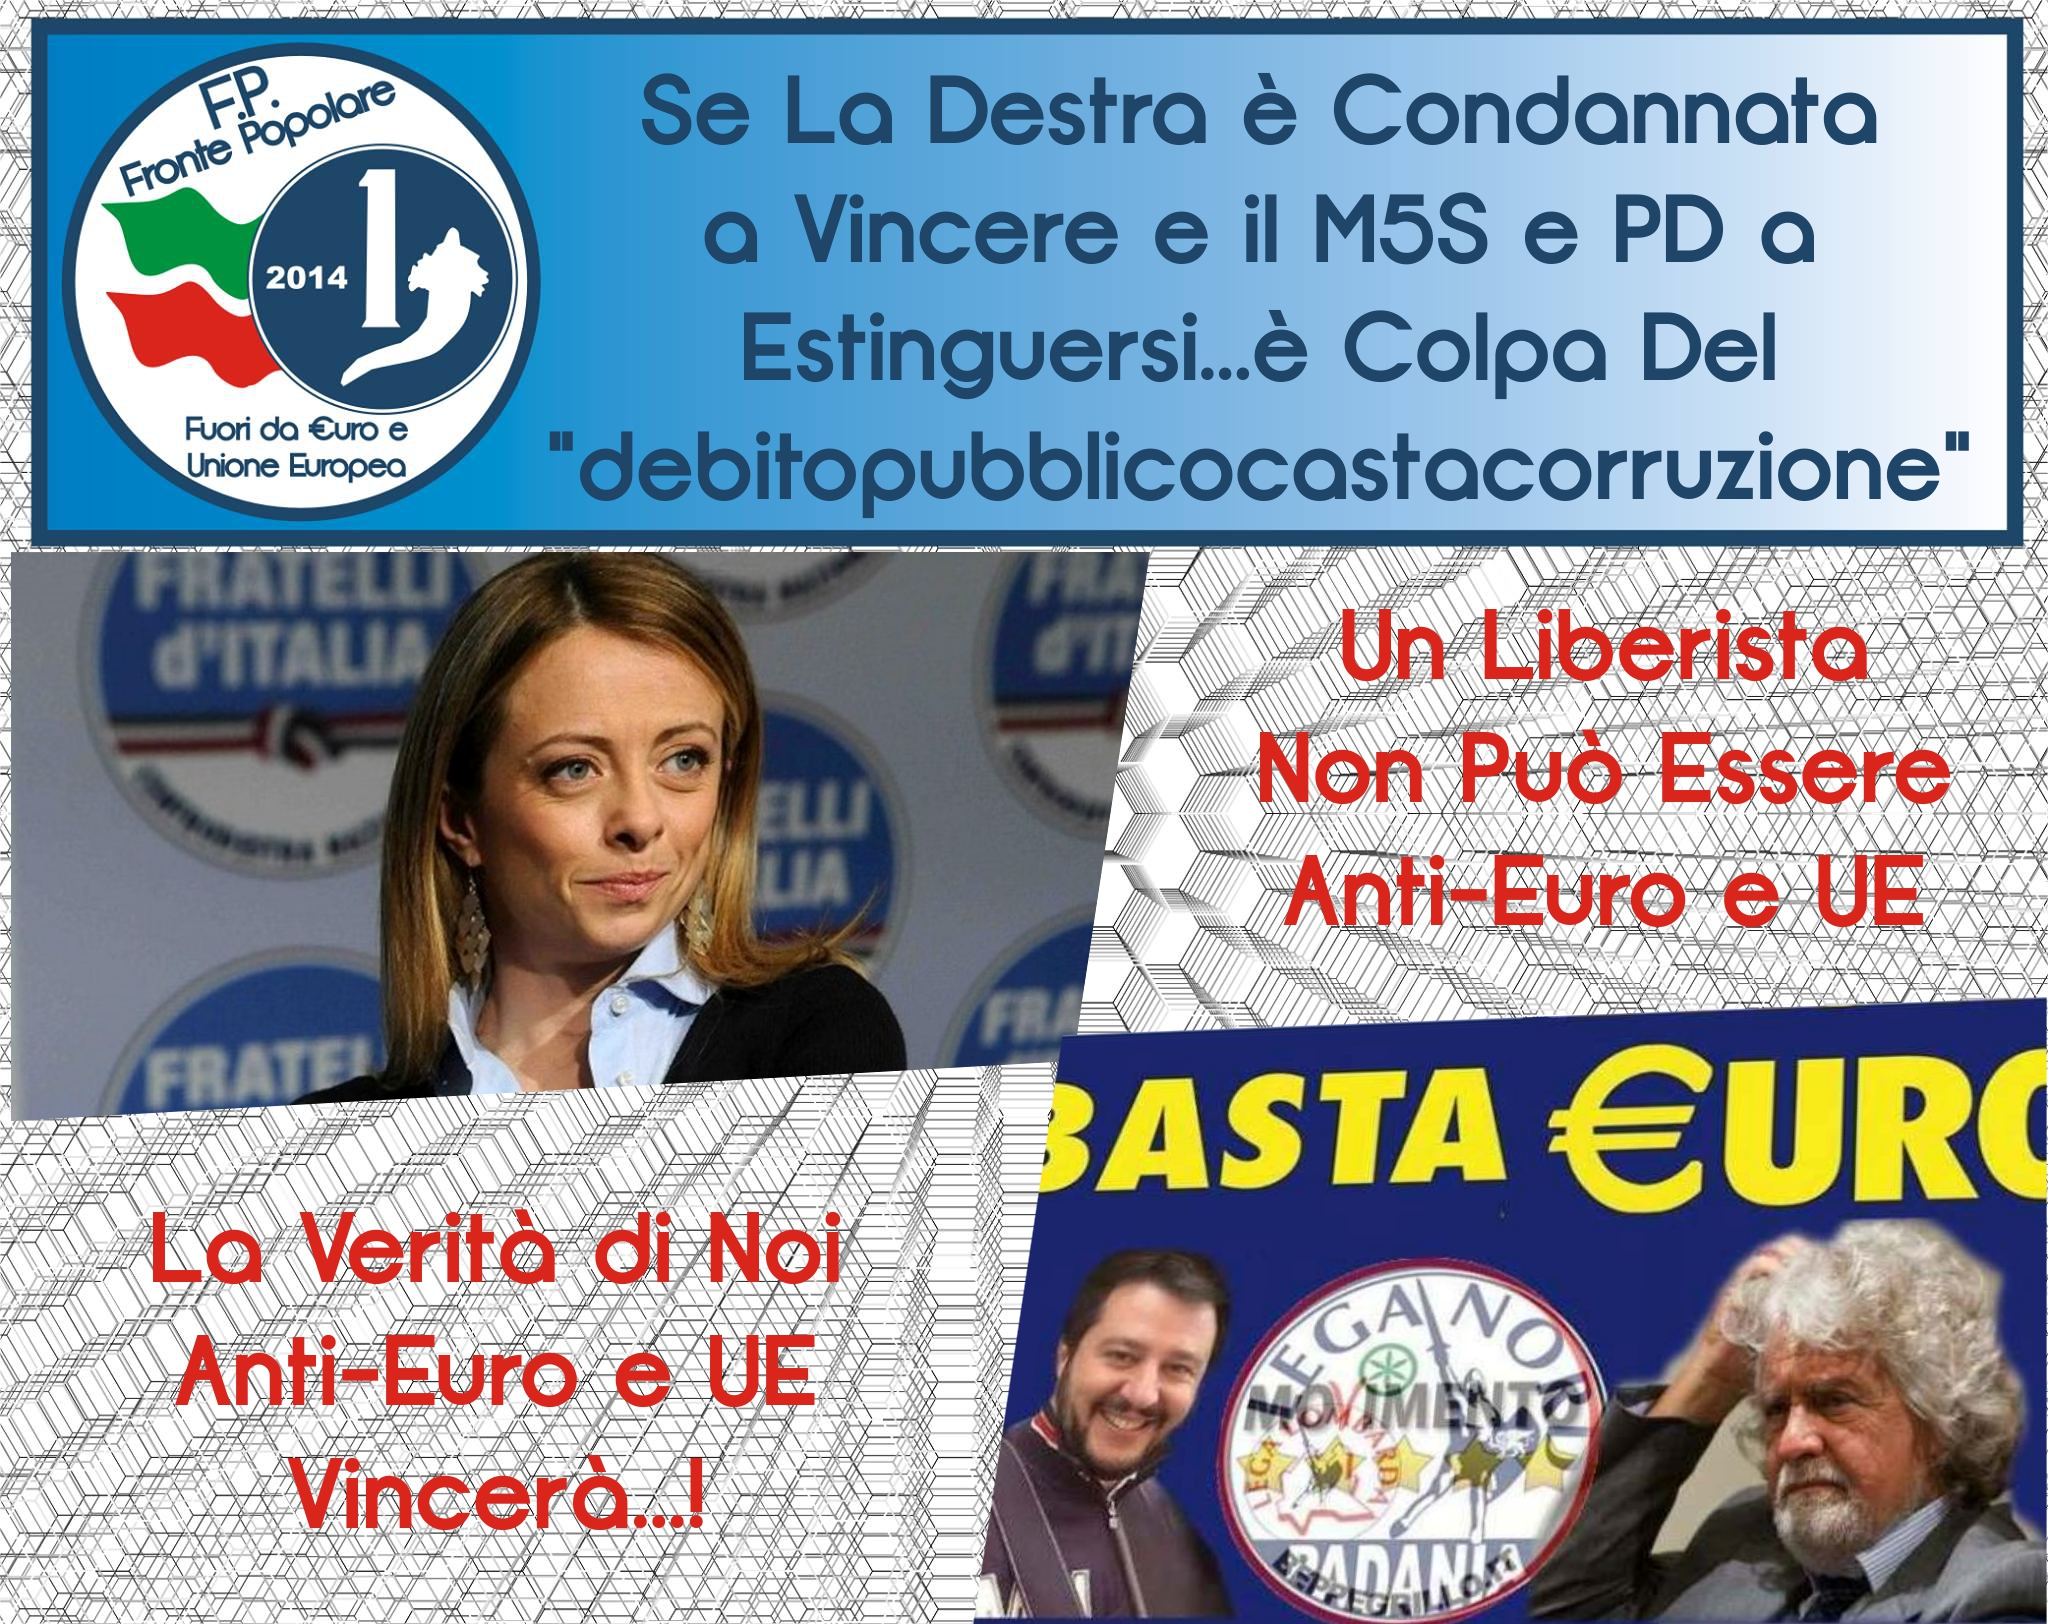 destra anti euro_fronte popolare